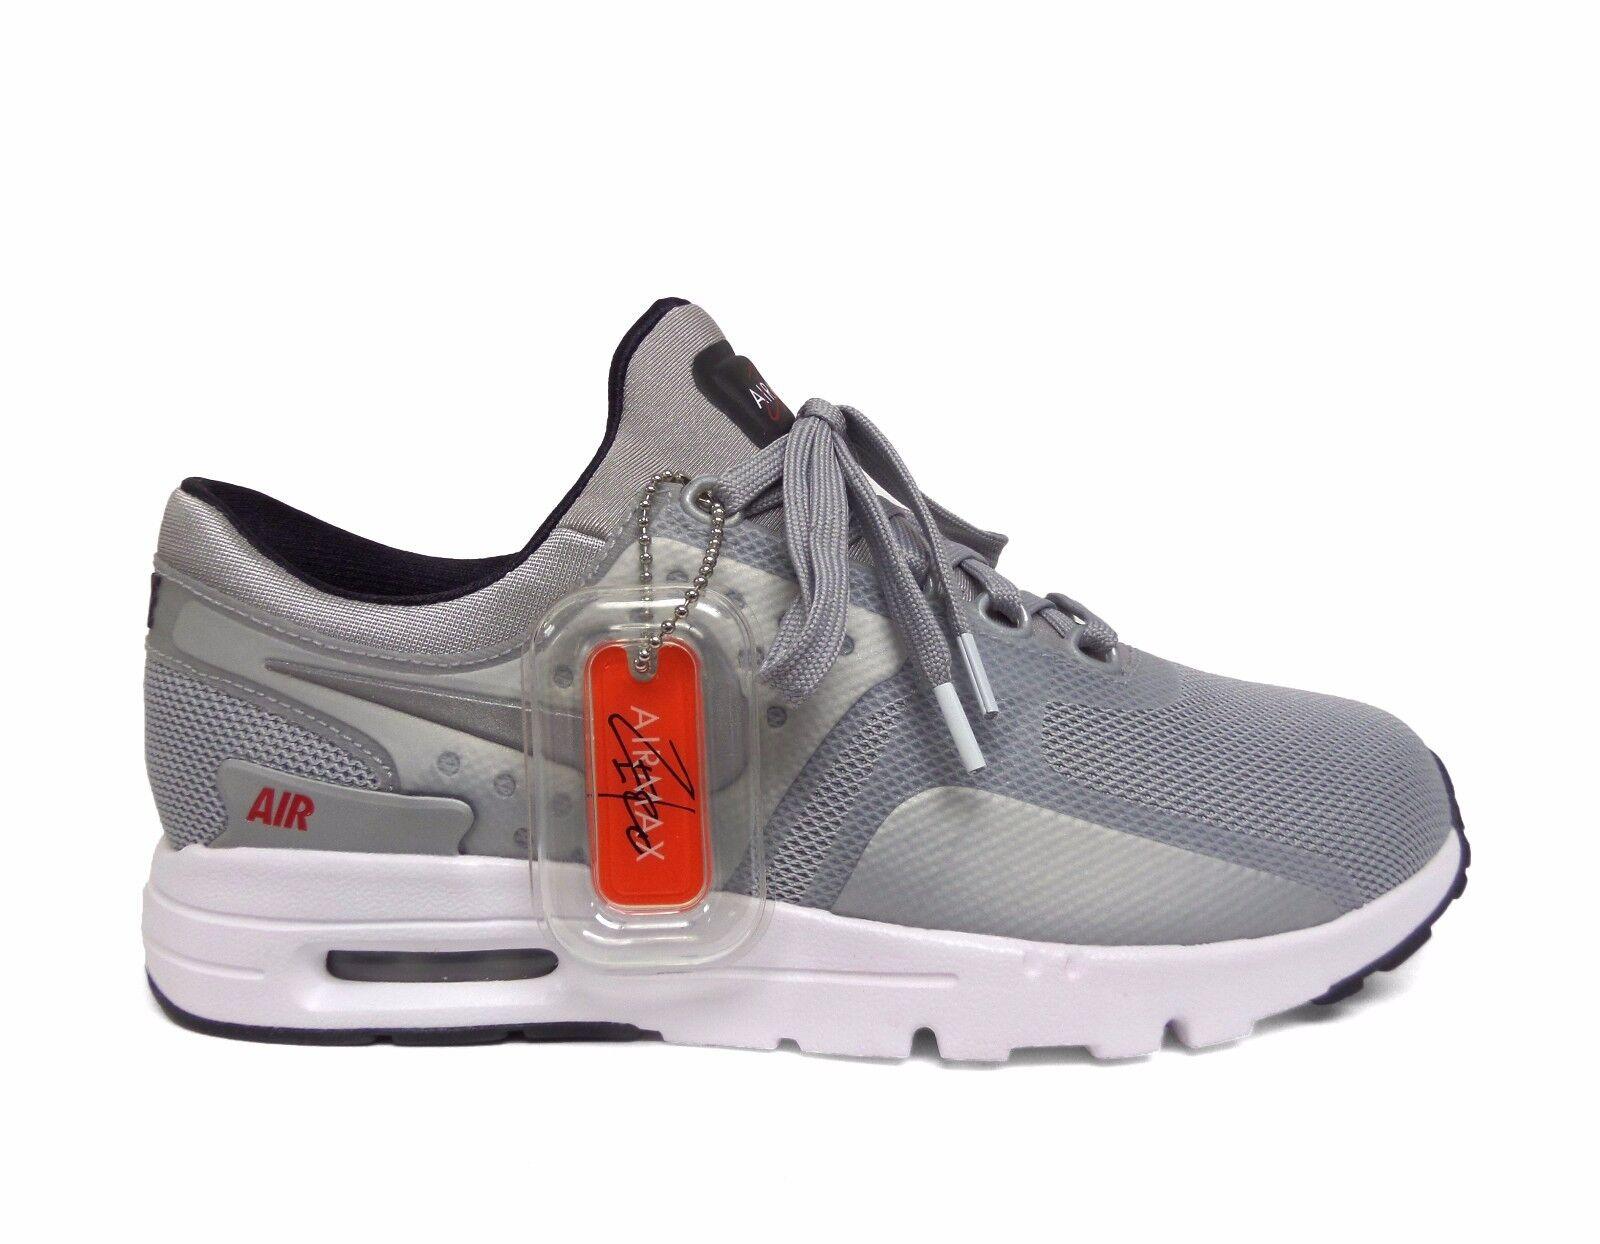 Nike Women's AIR MAX ZERO QS Training Shoes Metallic700-002 b